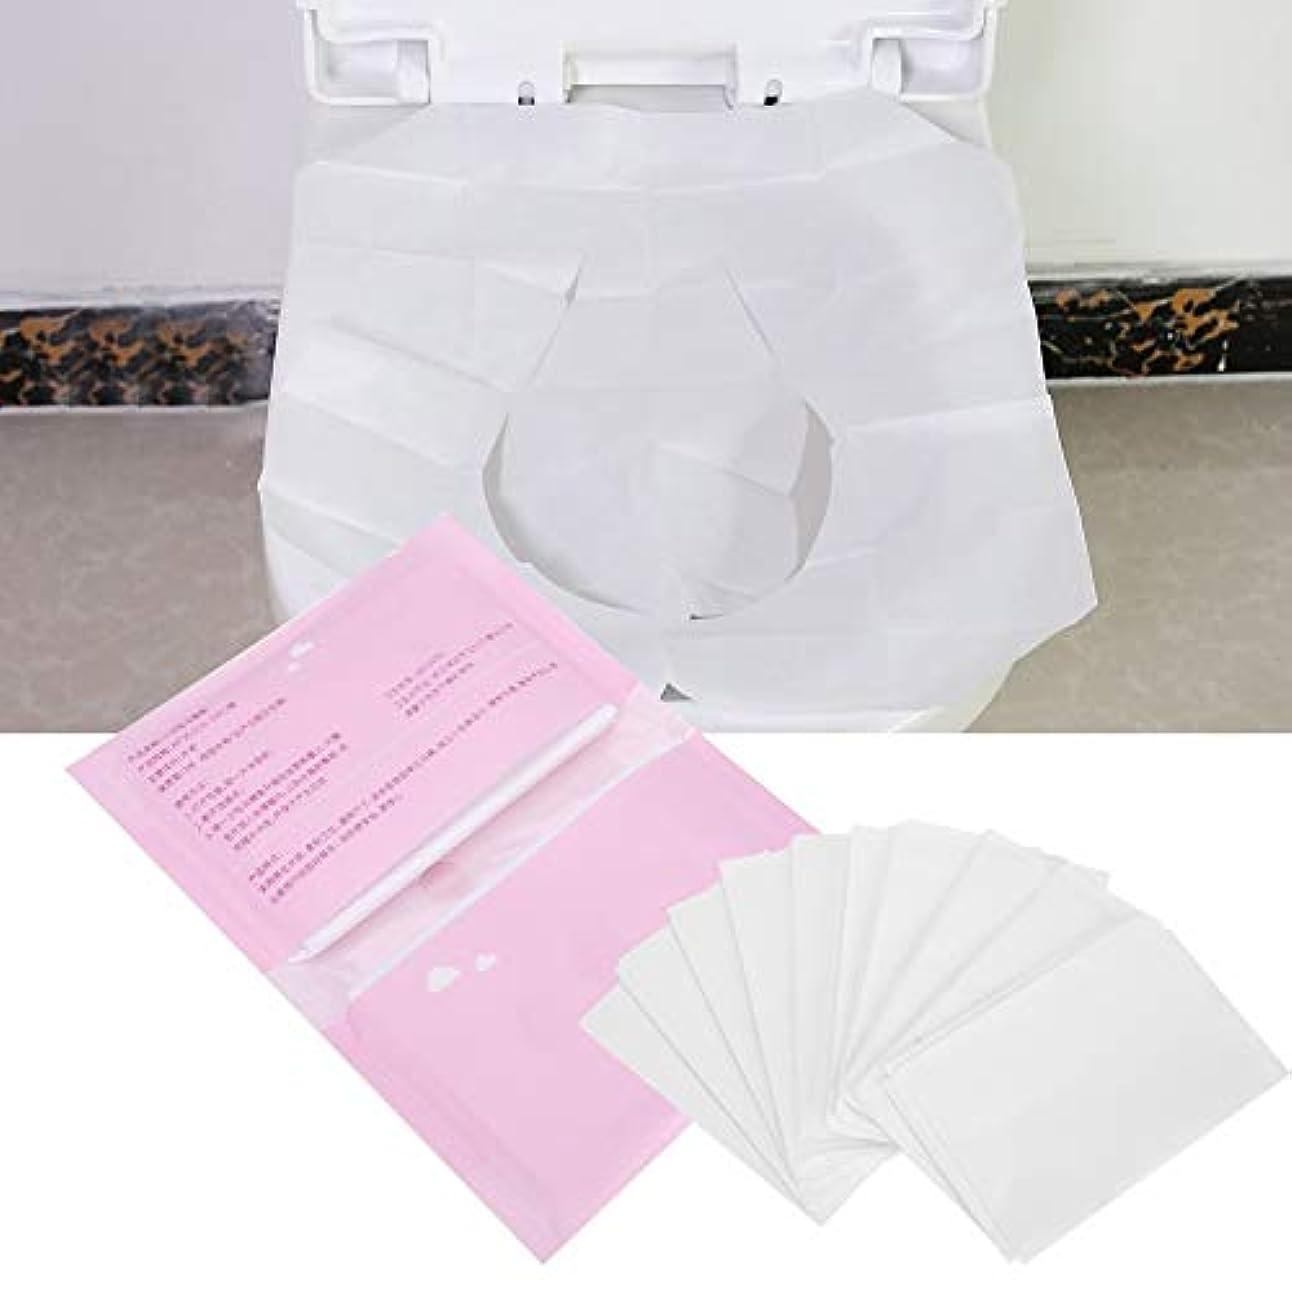 悲観的ひどいスーツトイレットシートペーパー、旅行のための5つの袋の使い捨て可能な分解可能なトイレットペーパーペーパー、10pices / bag